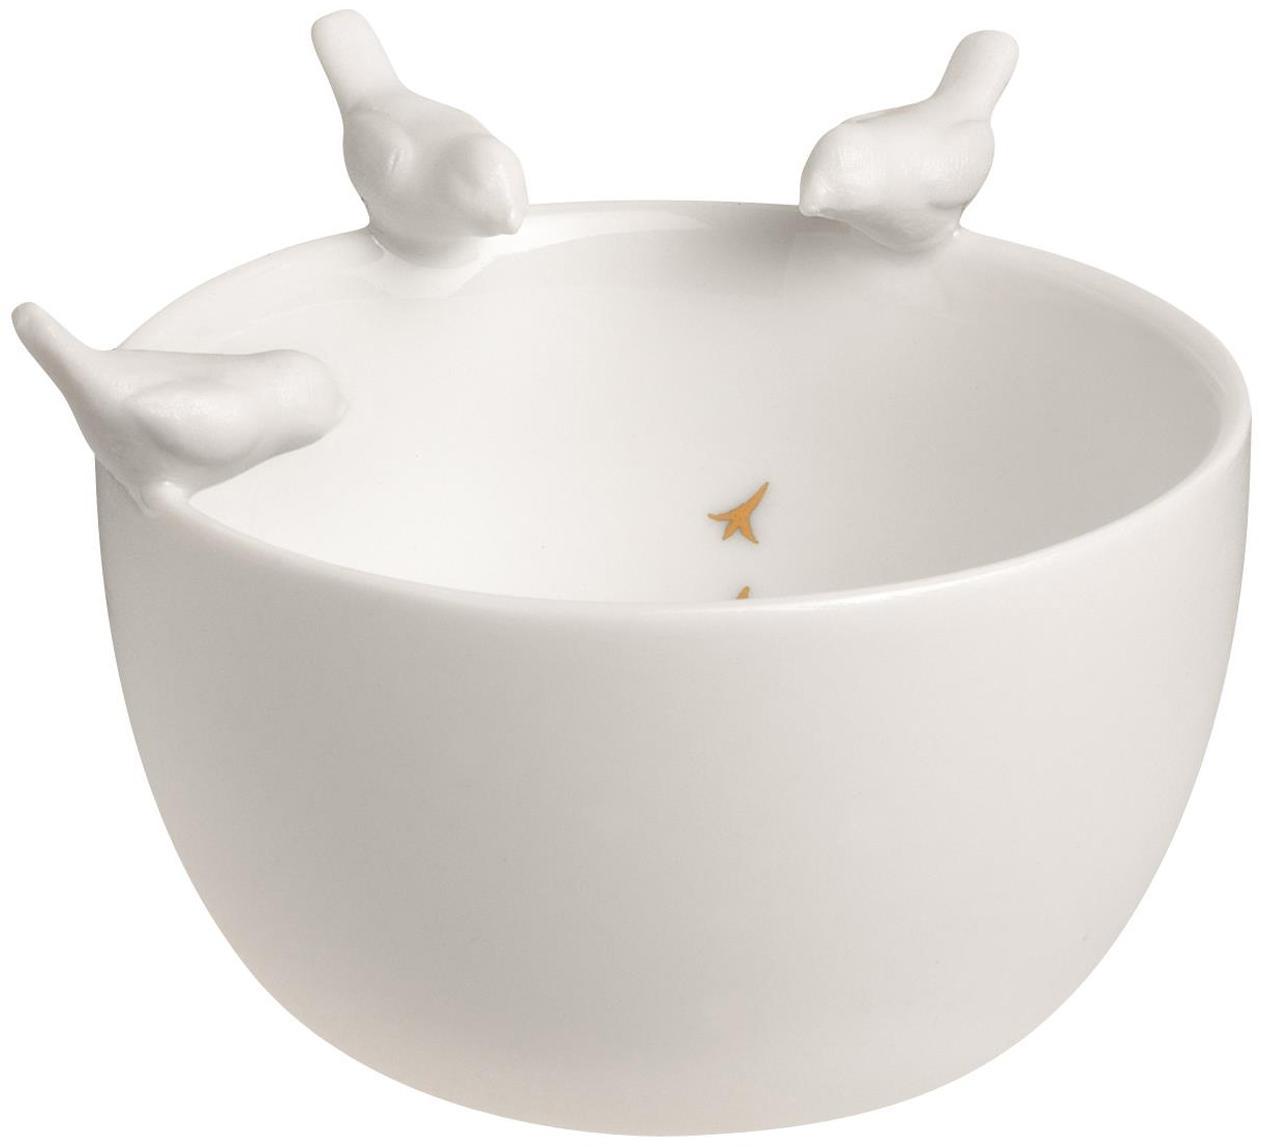 Deko-Schale Vögel, Porzellan, Weiß, Ø 8 x H 4 cm